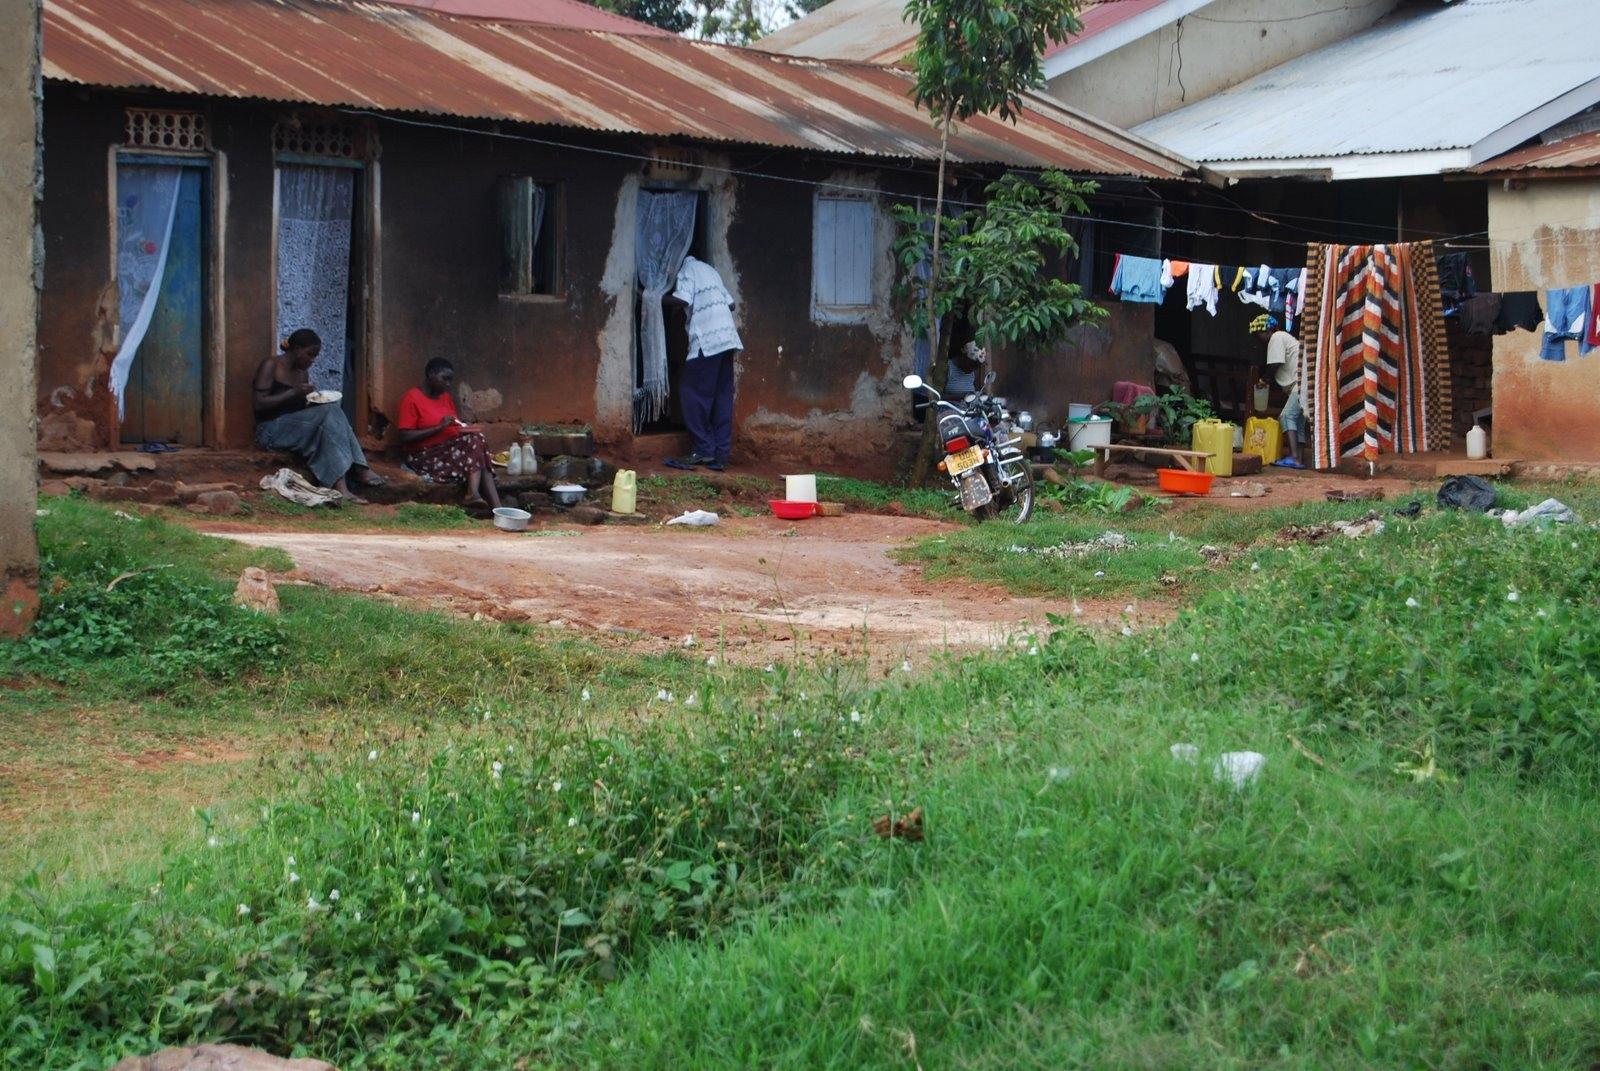 housing poverty Mbuya zone 6 Uganda